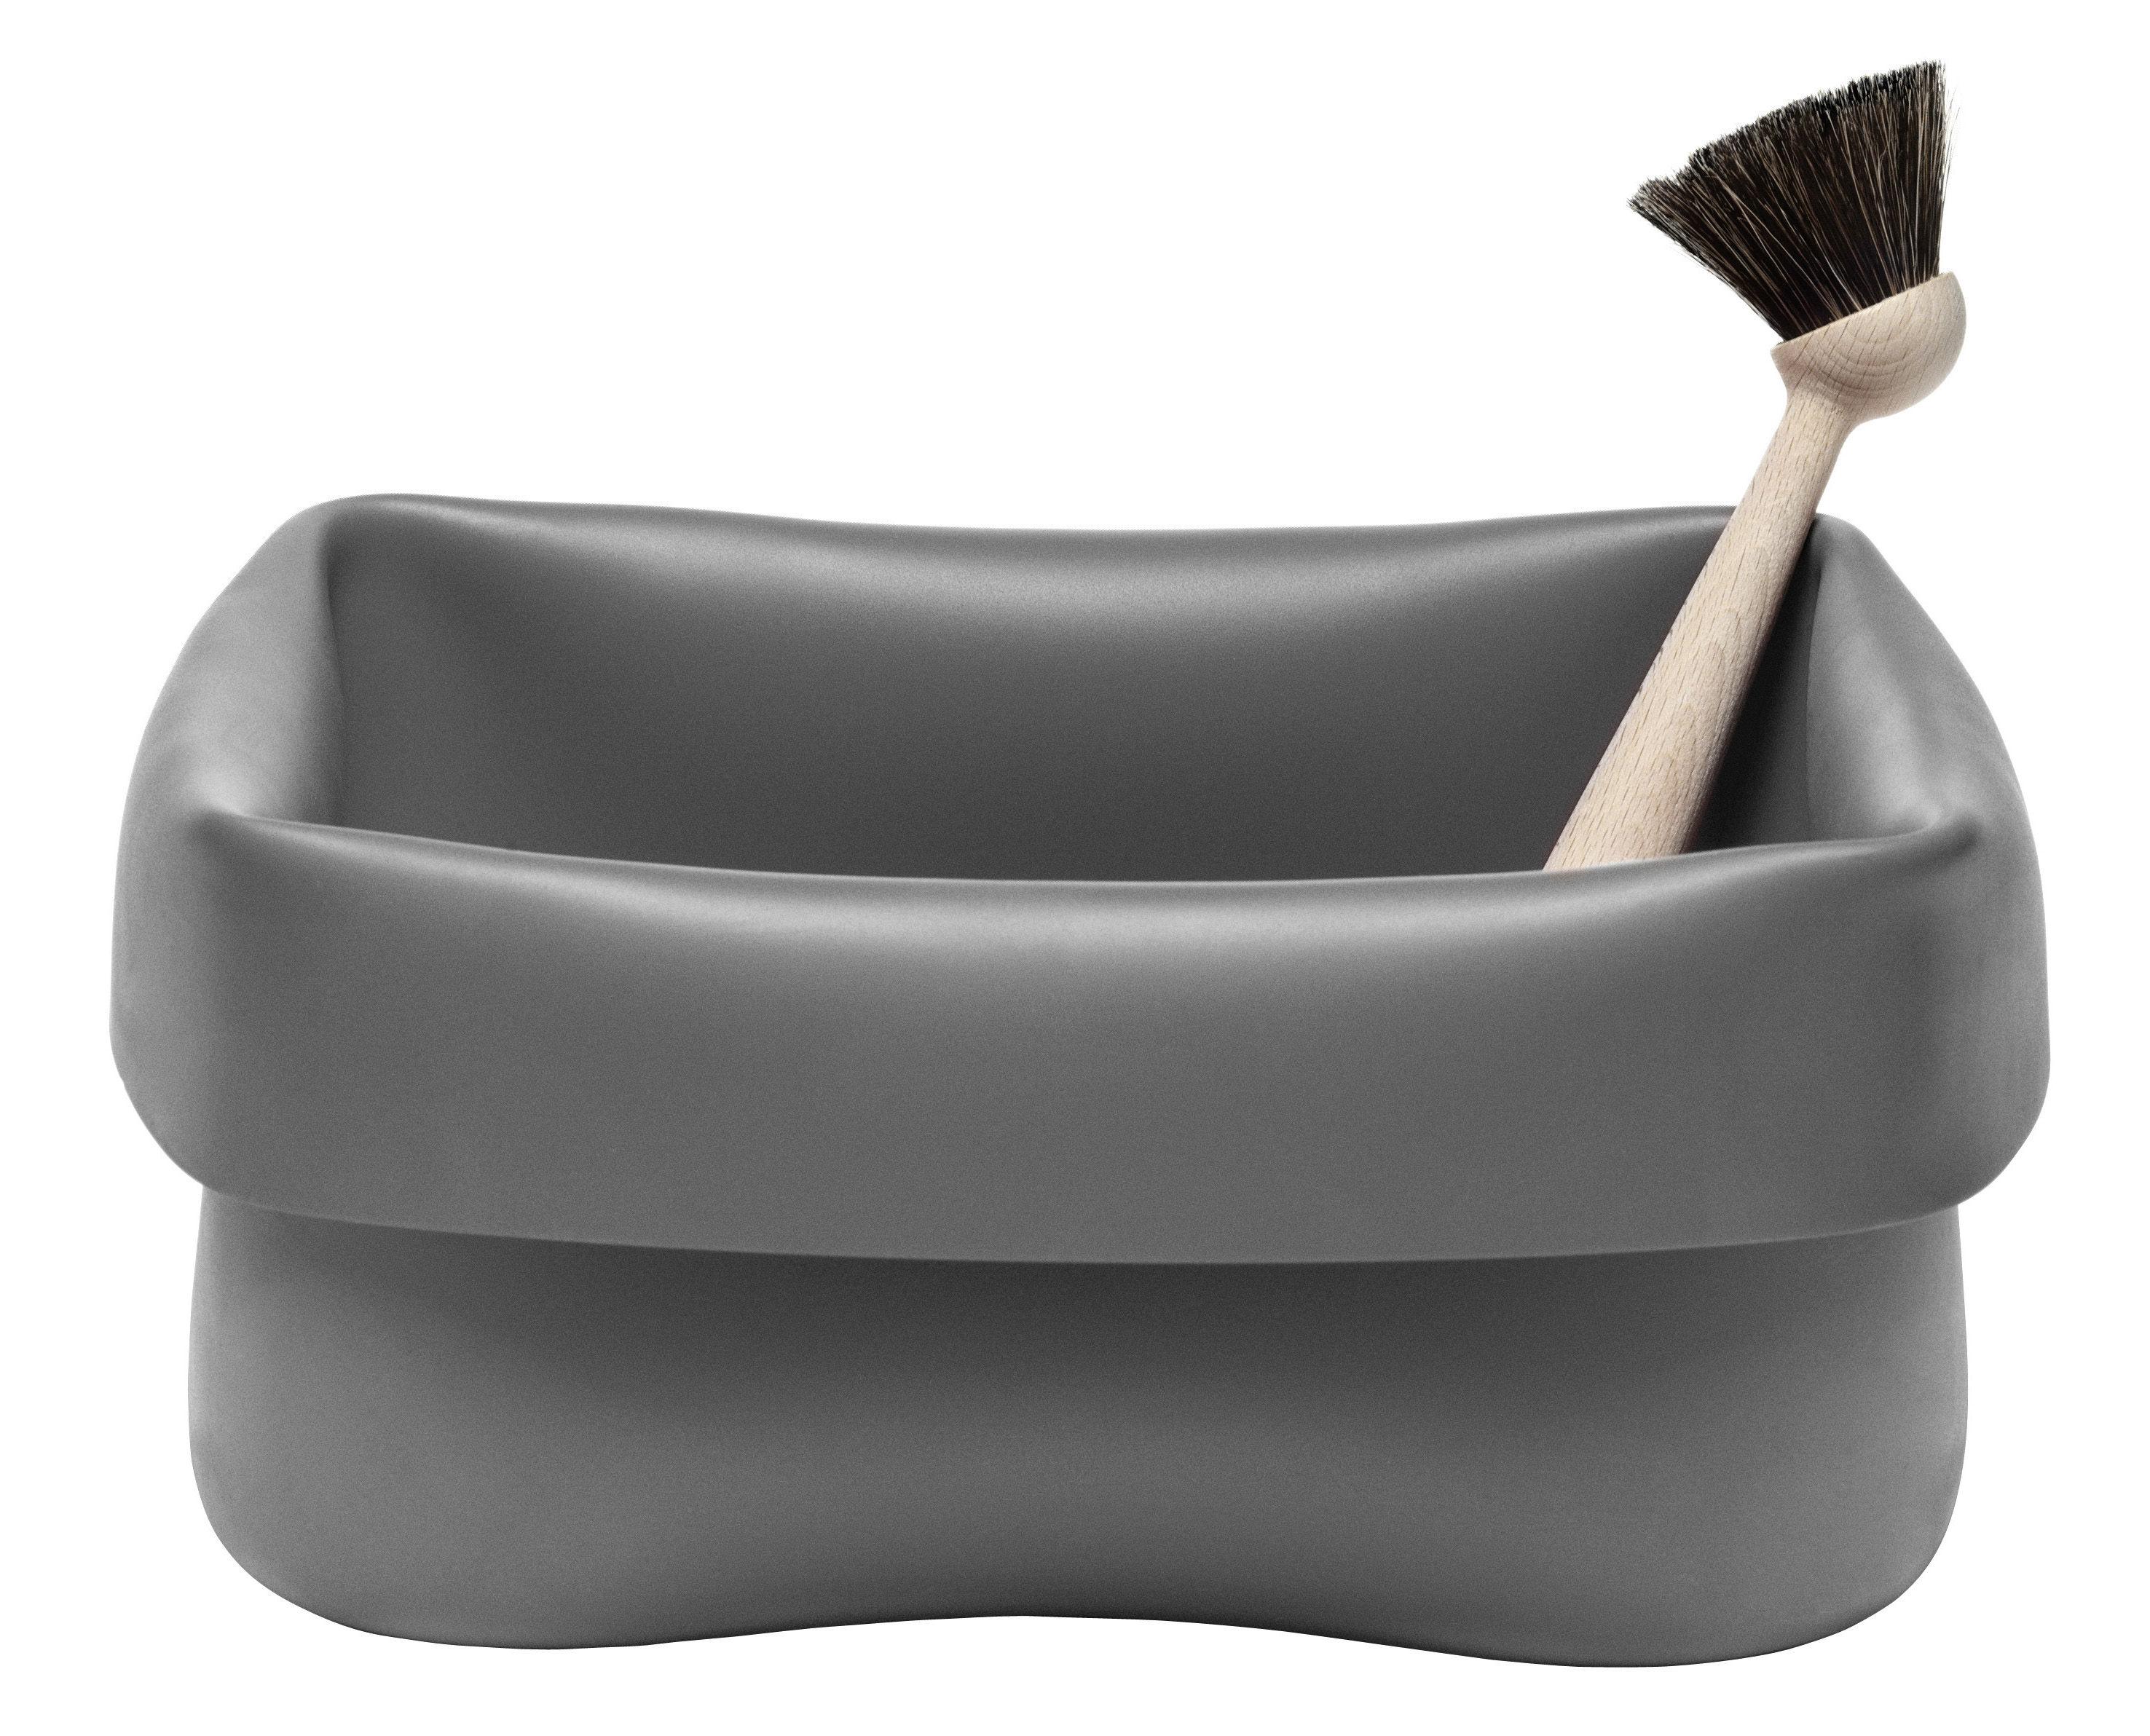 Cuisine - Pratique & malin - Bassine Washing-up Bowl en caoutchouc / Avec brosse - Normann Copenhagen - Gris - Caoutchouc, Hêtre